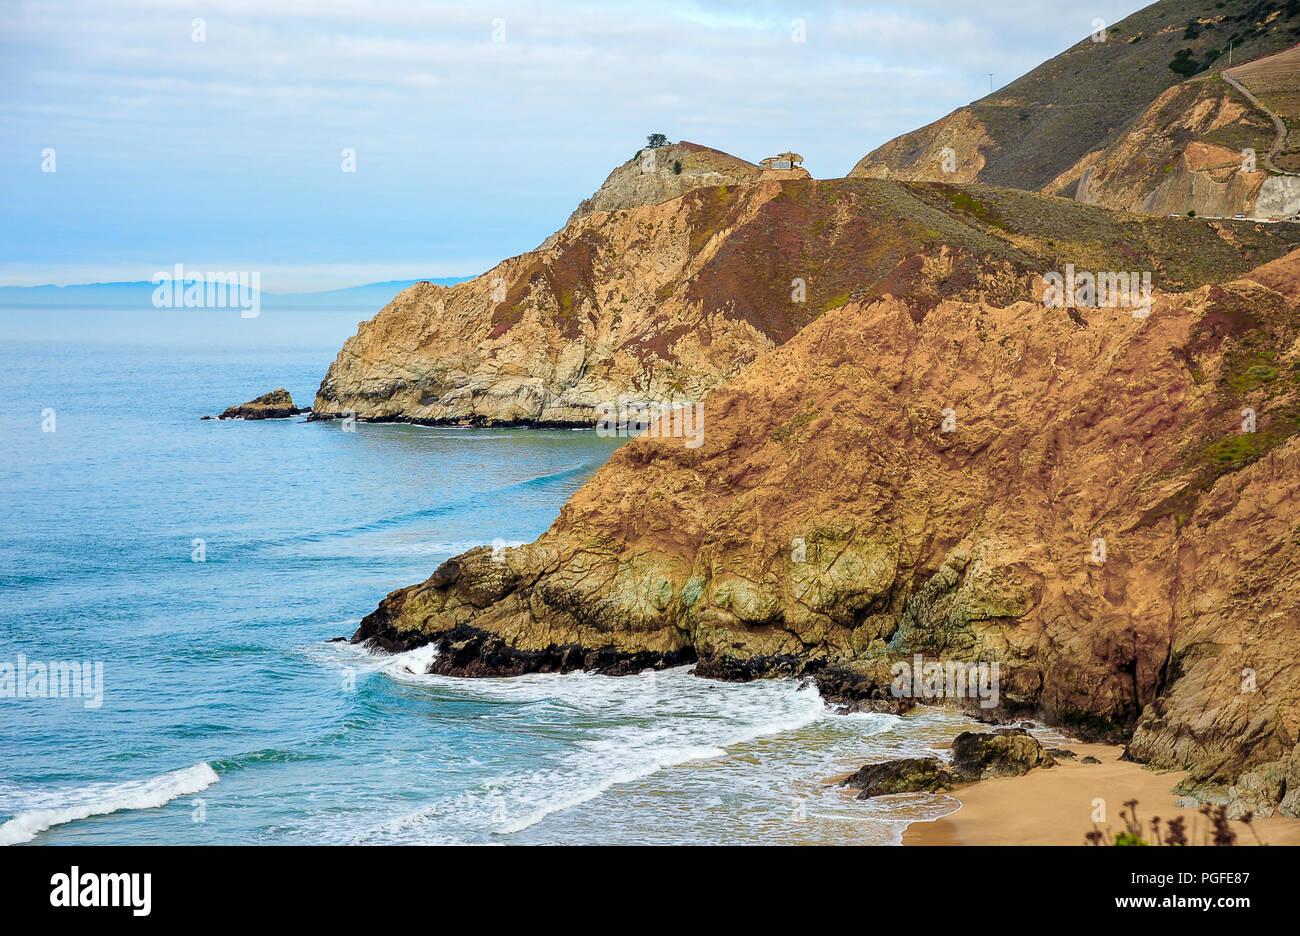 Sur la côte pittoresque le long de la Route 1, Autoroute de la côte Pacifique de la Californie. Belle lumière tôt le matin, sur les falaises de couleur à l'aide d'eau de mer et de ciel Photo Stock